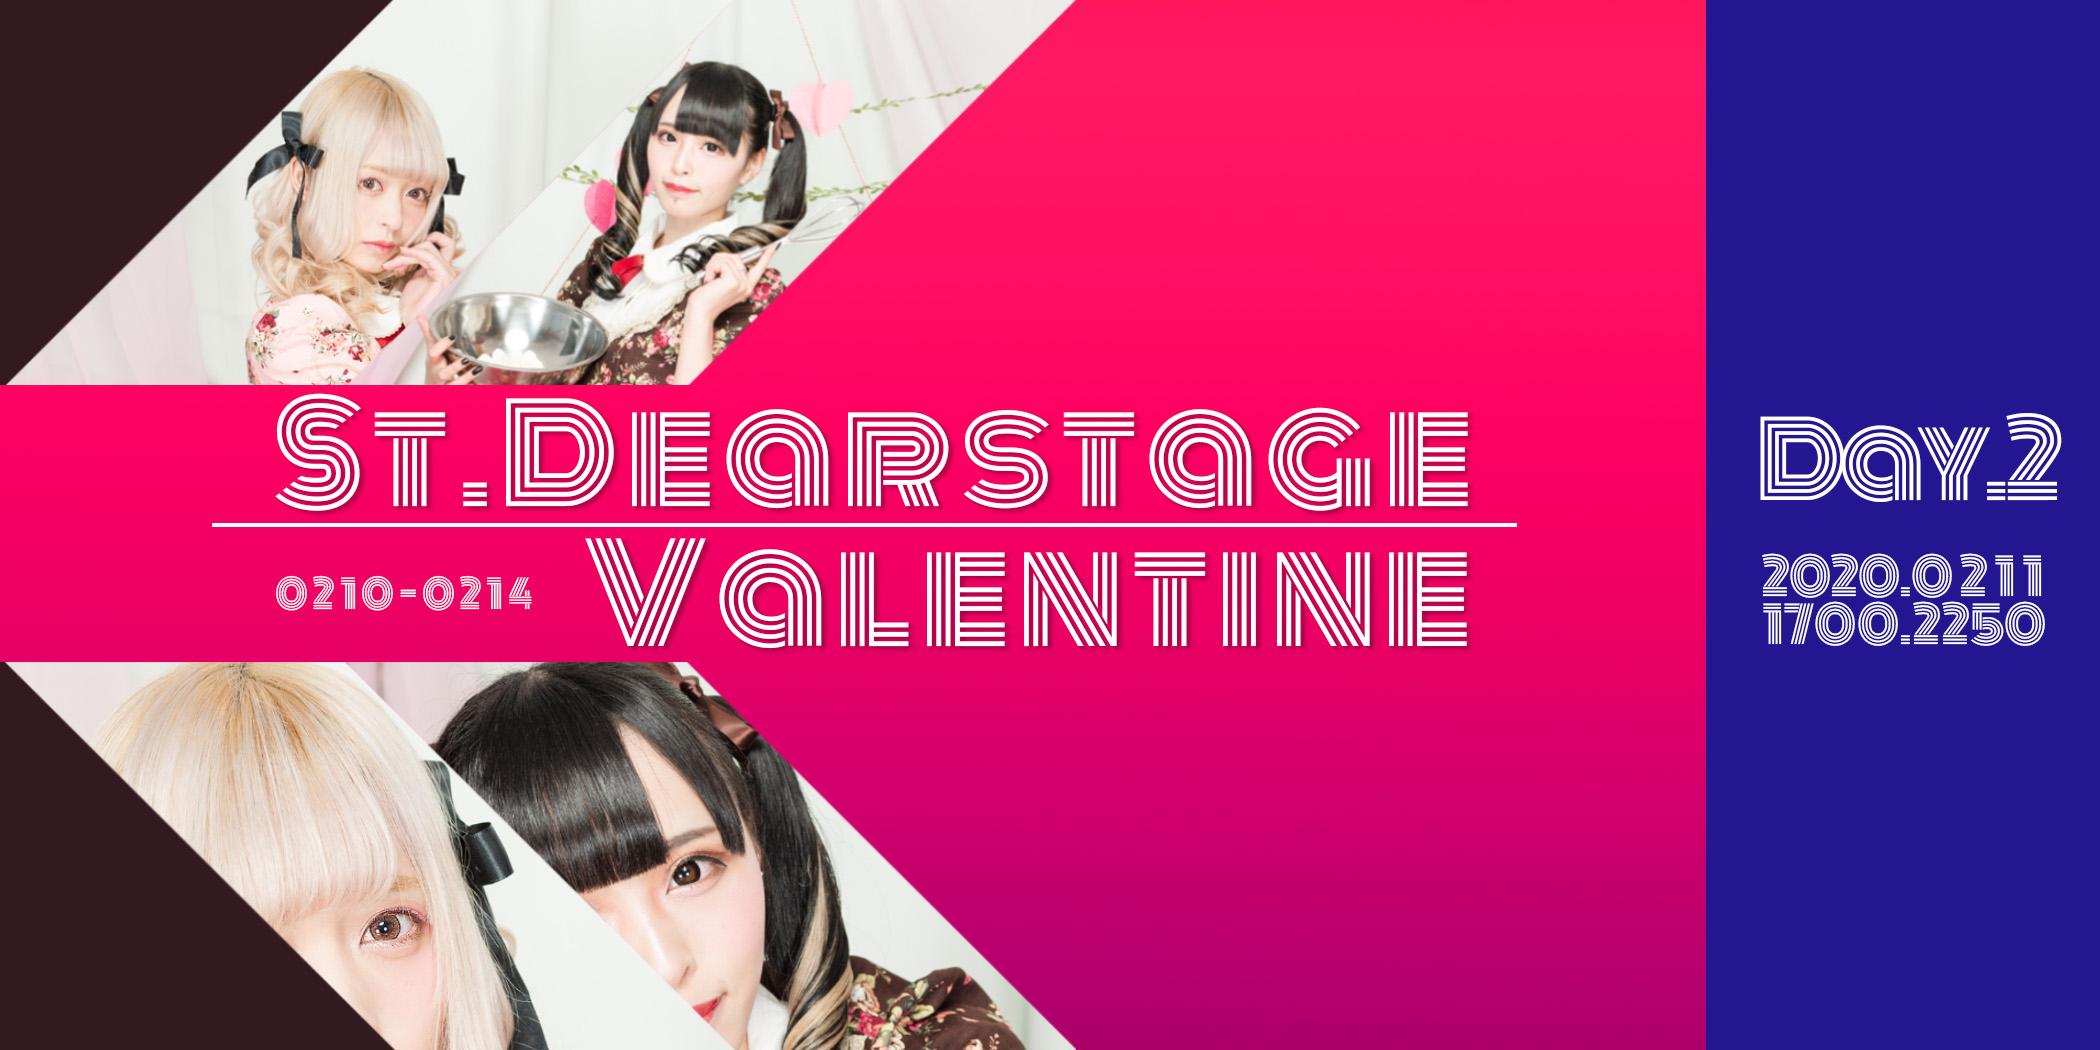 St. DEARSTAGE VALENTINE Day2